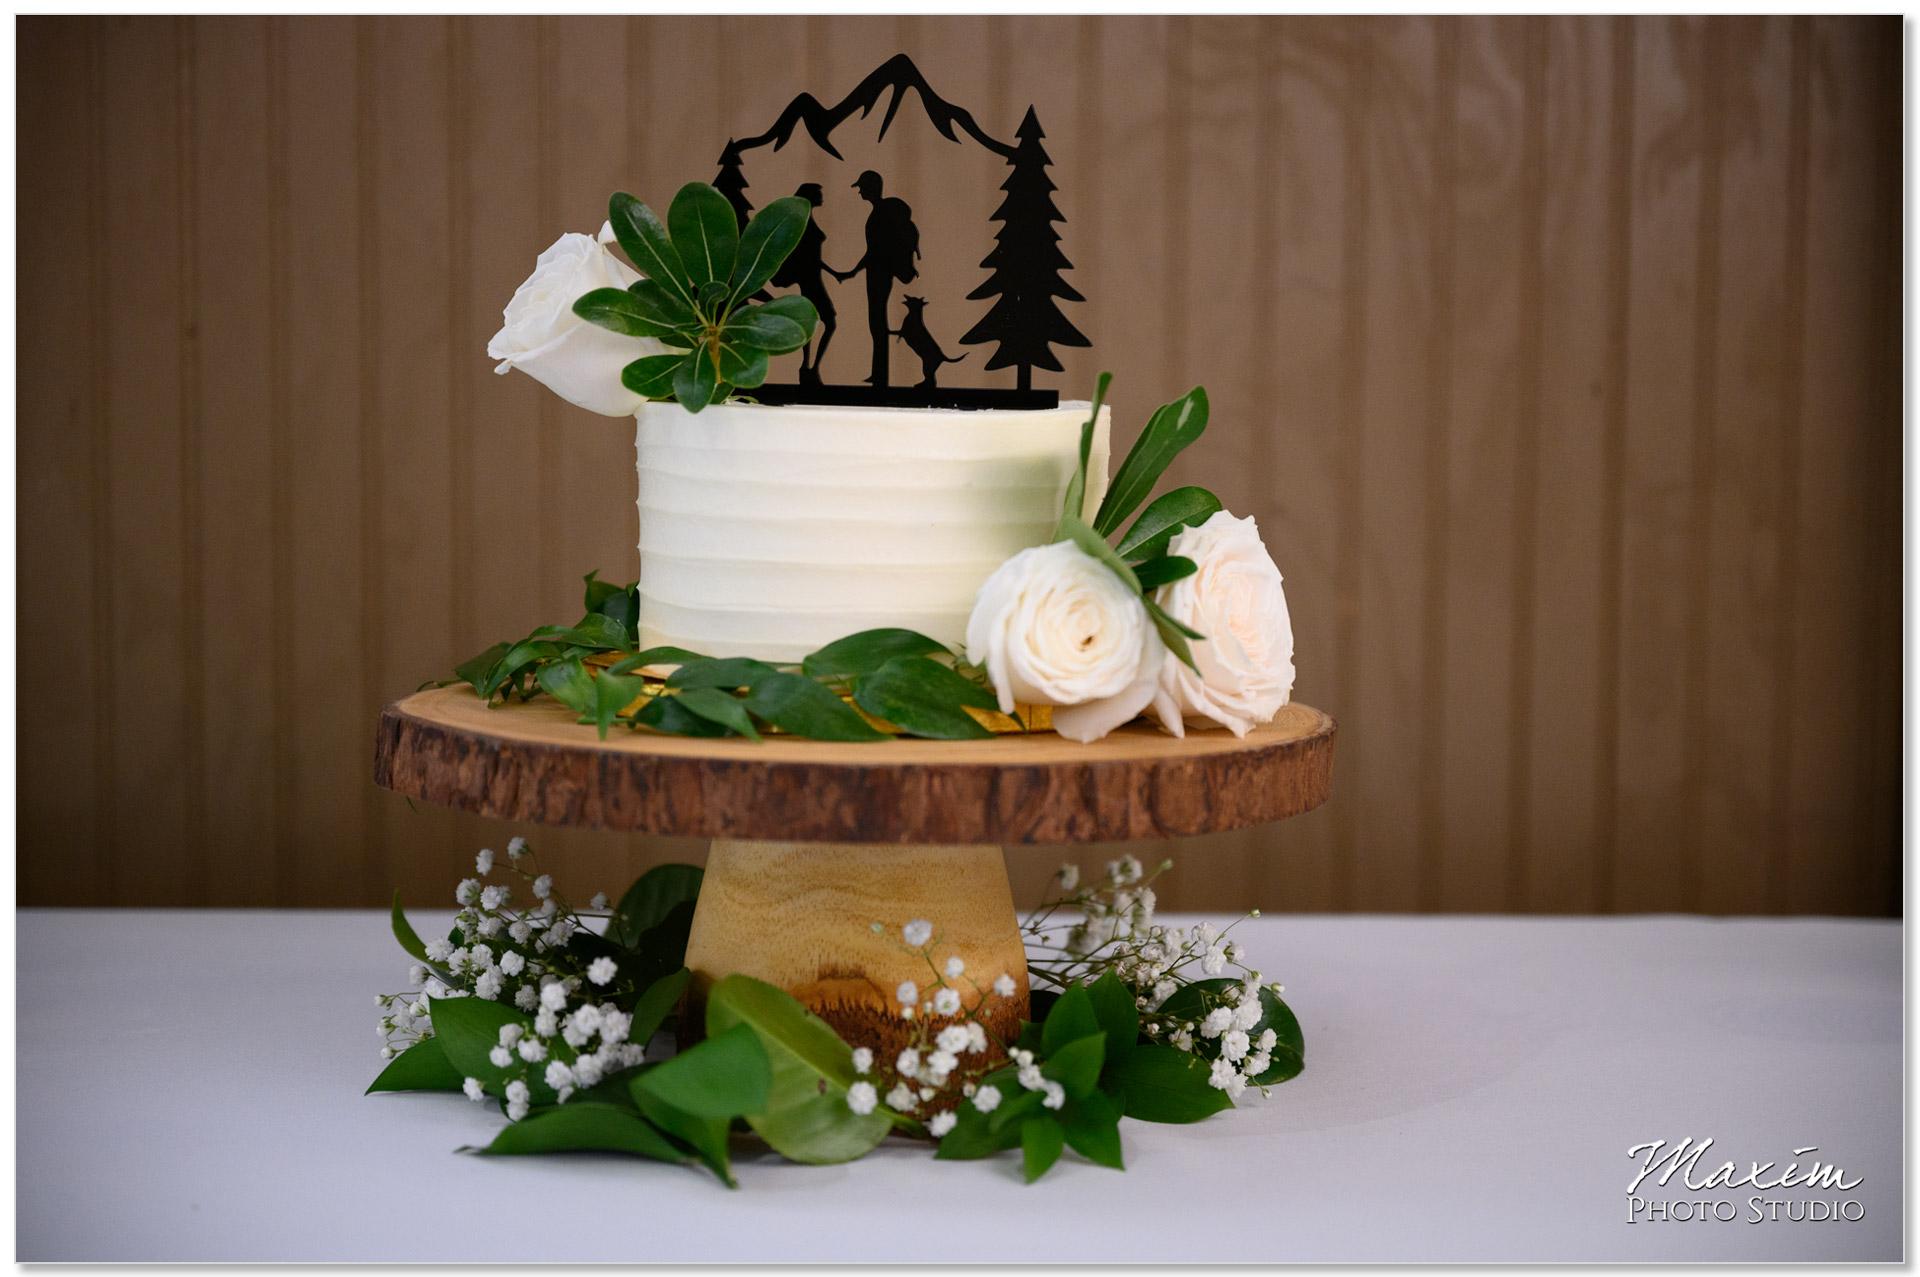 A Spoon Fulla Sugar Wedding cake